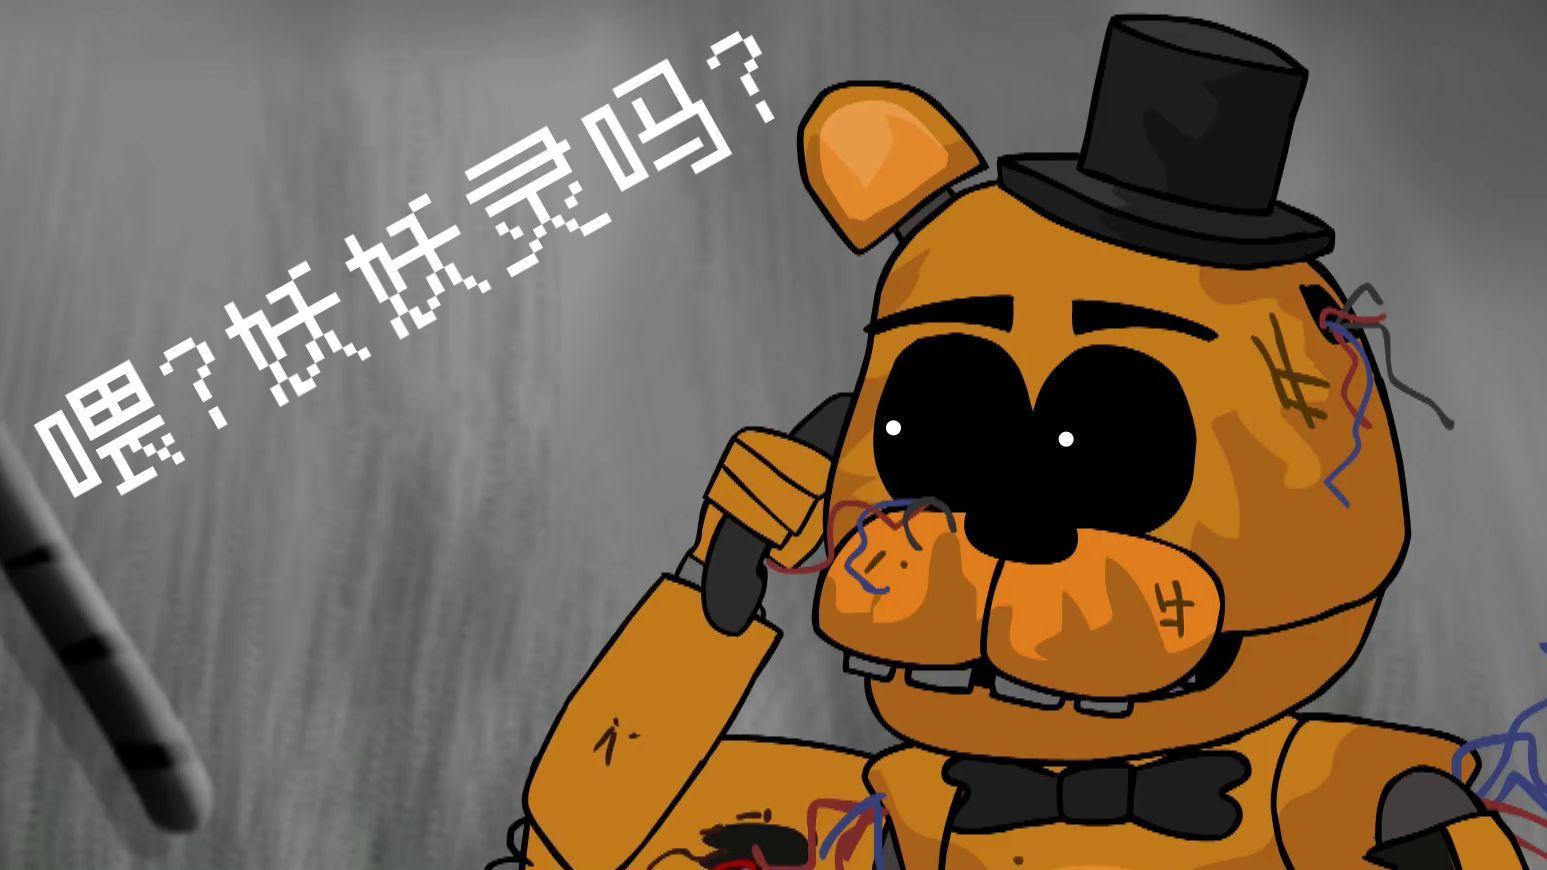 [合集][超清中字][FNAF]凌晨五点 玩具熊的五夜后宫搞笑动画 5AM at Freddy s